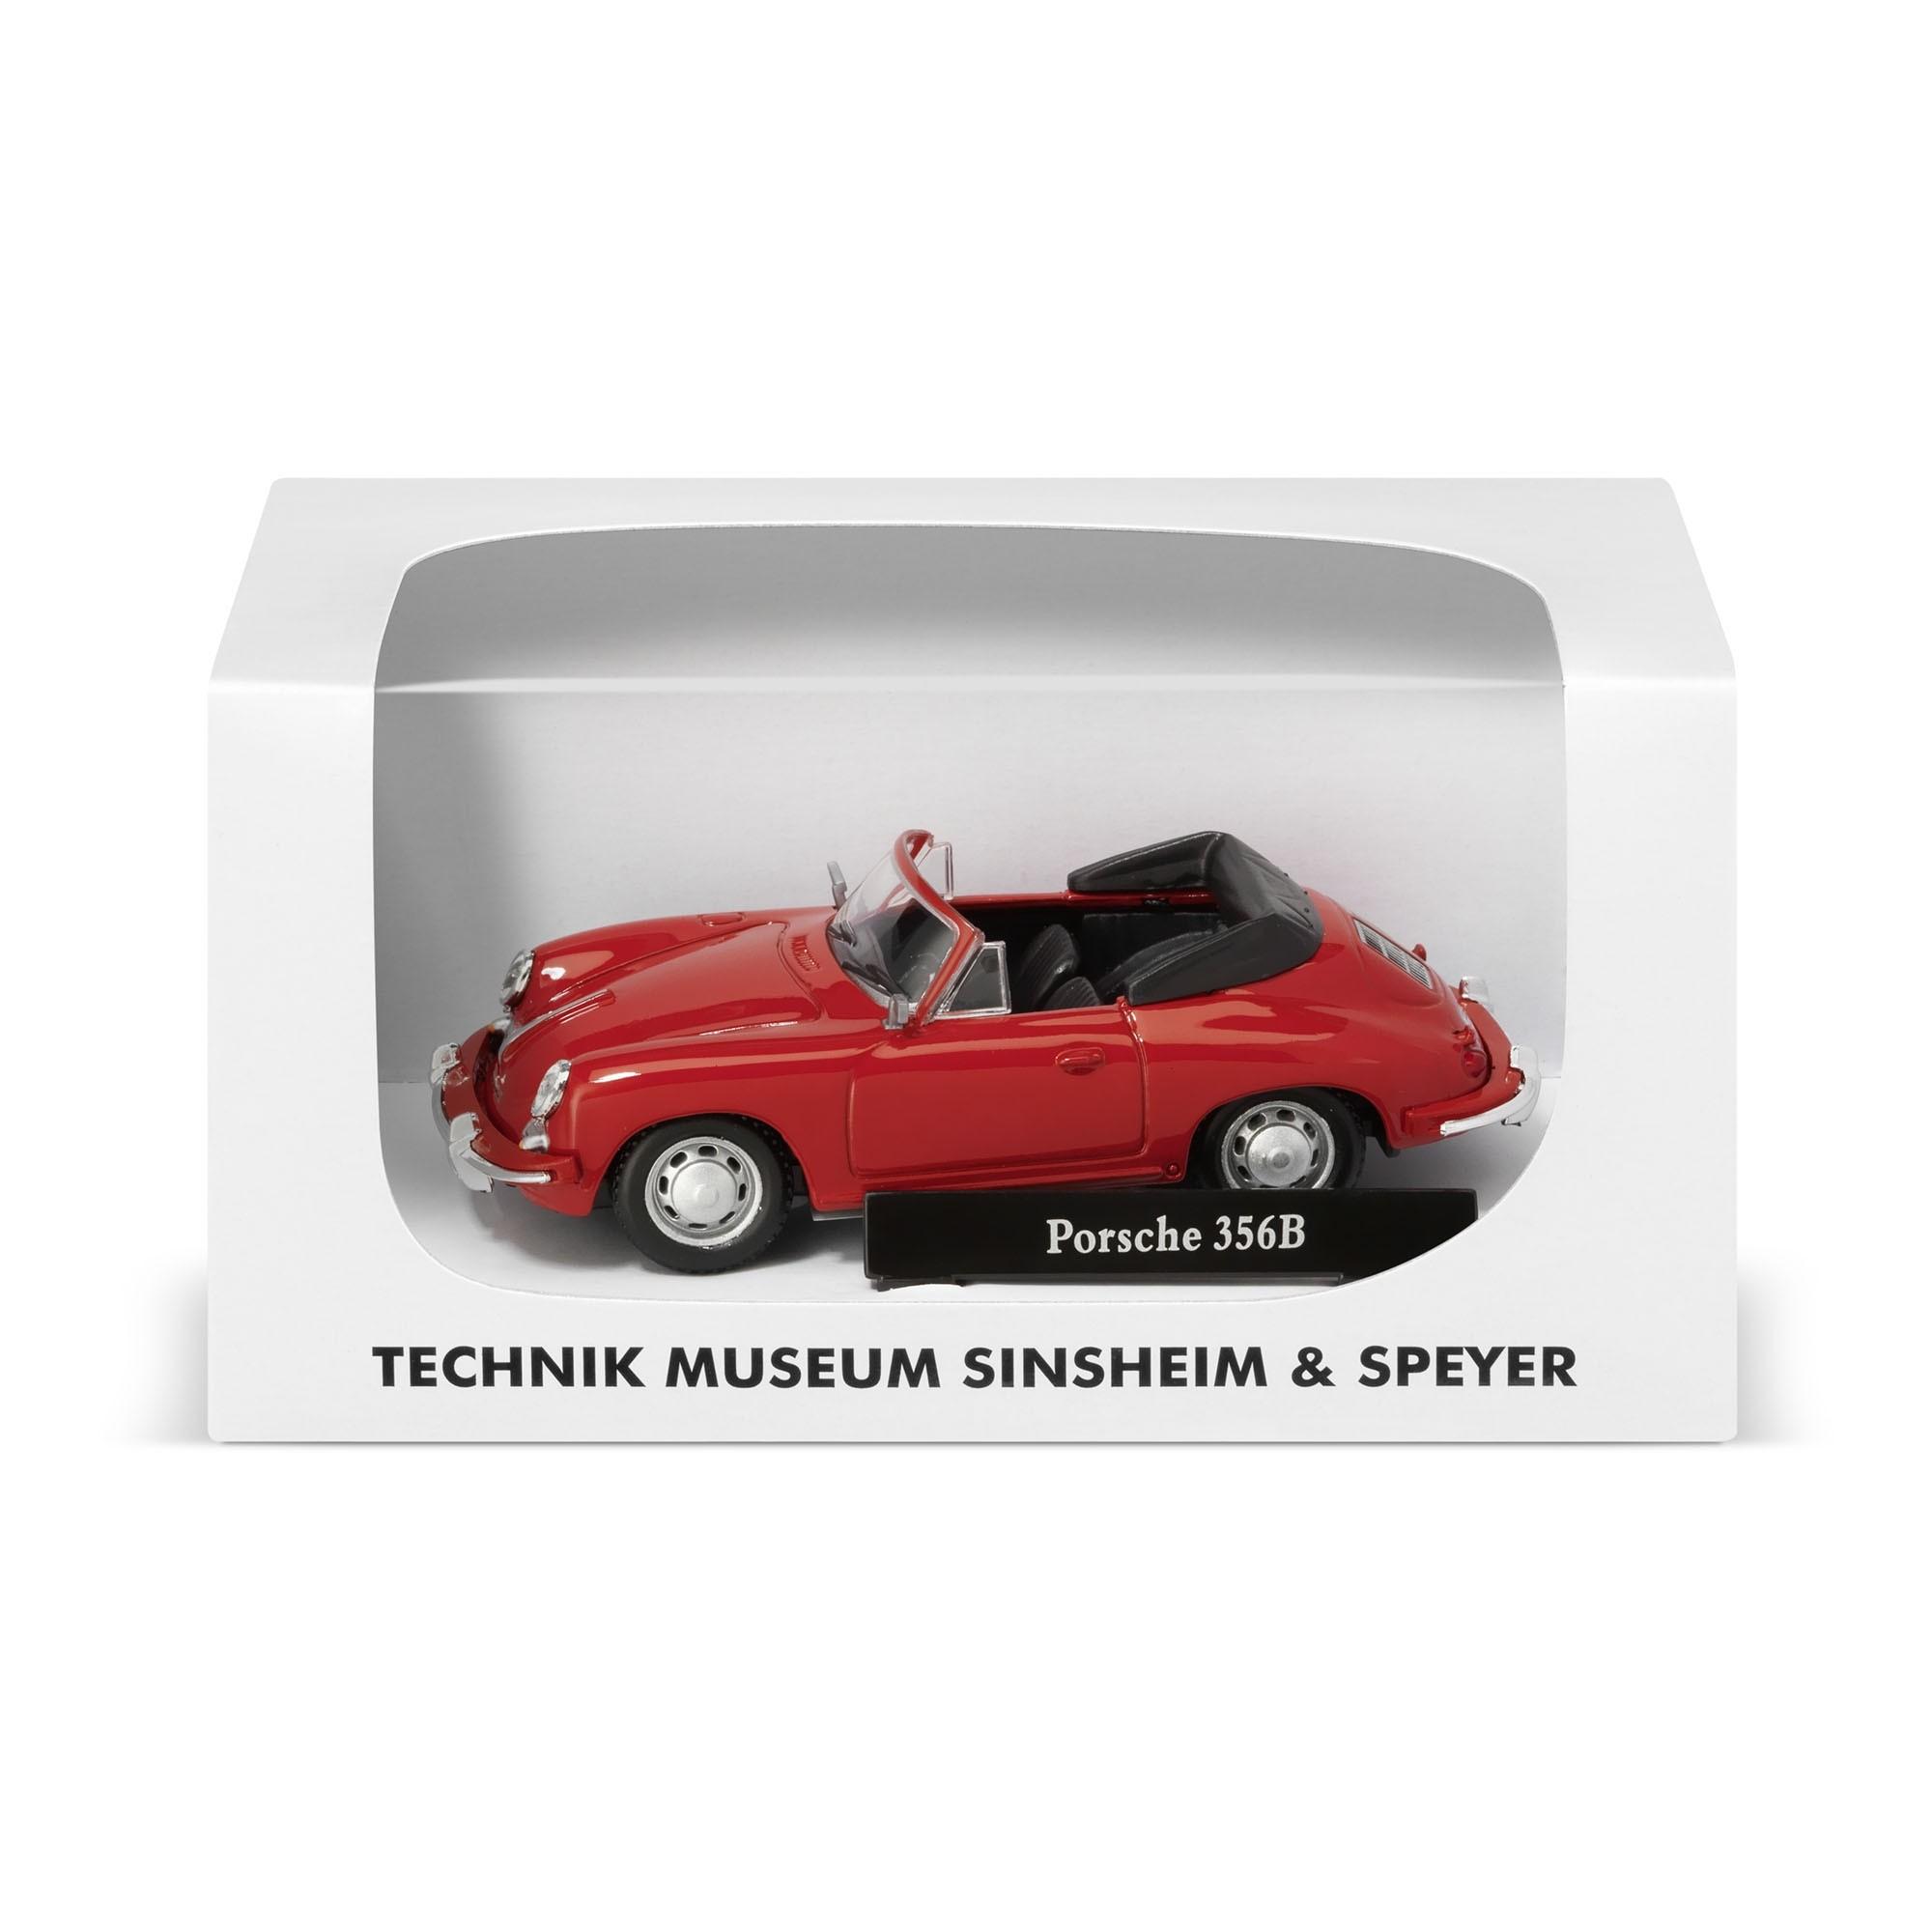 Porsche 365B - Technik Museen Sinsheim Speyer